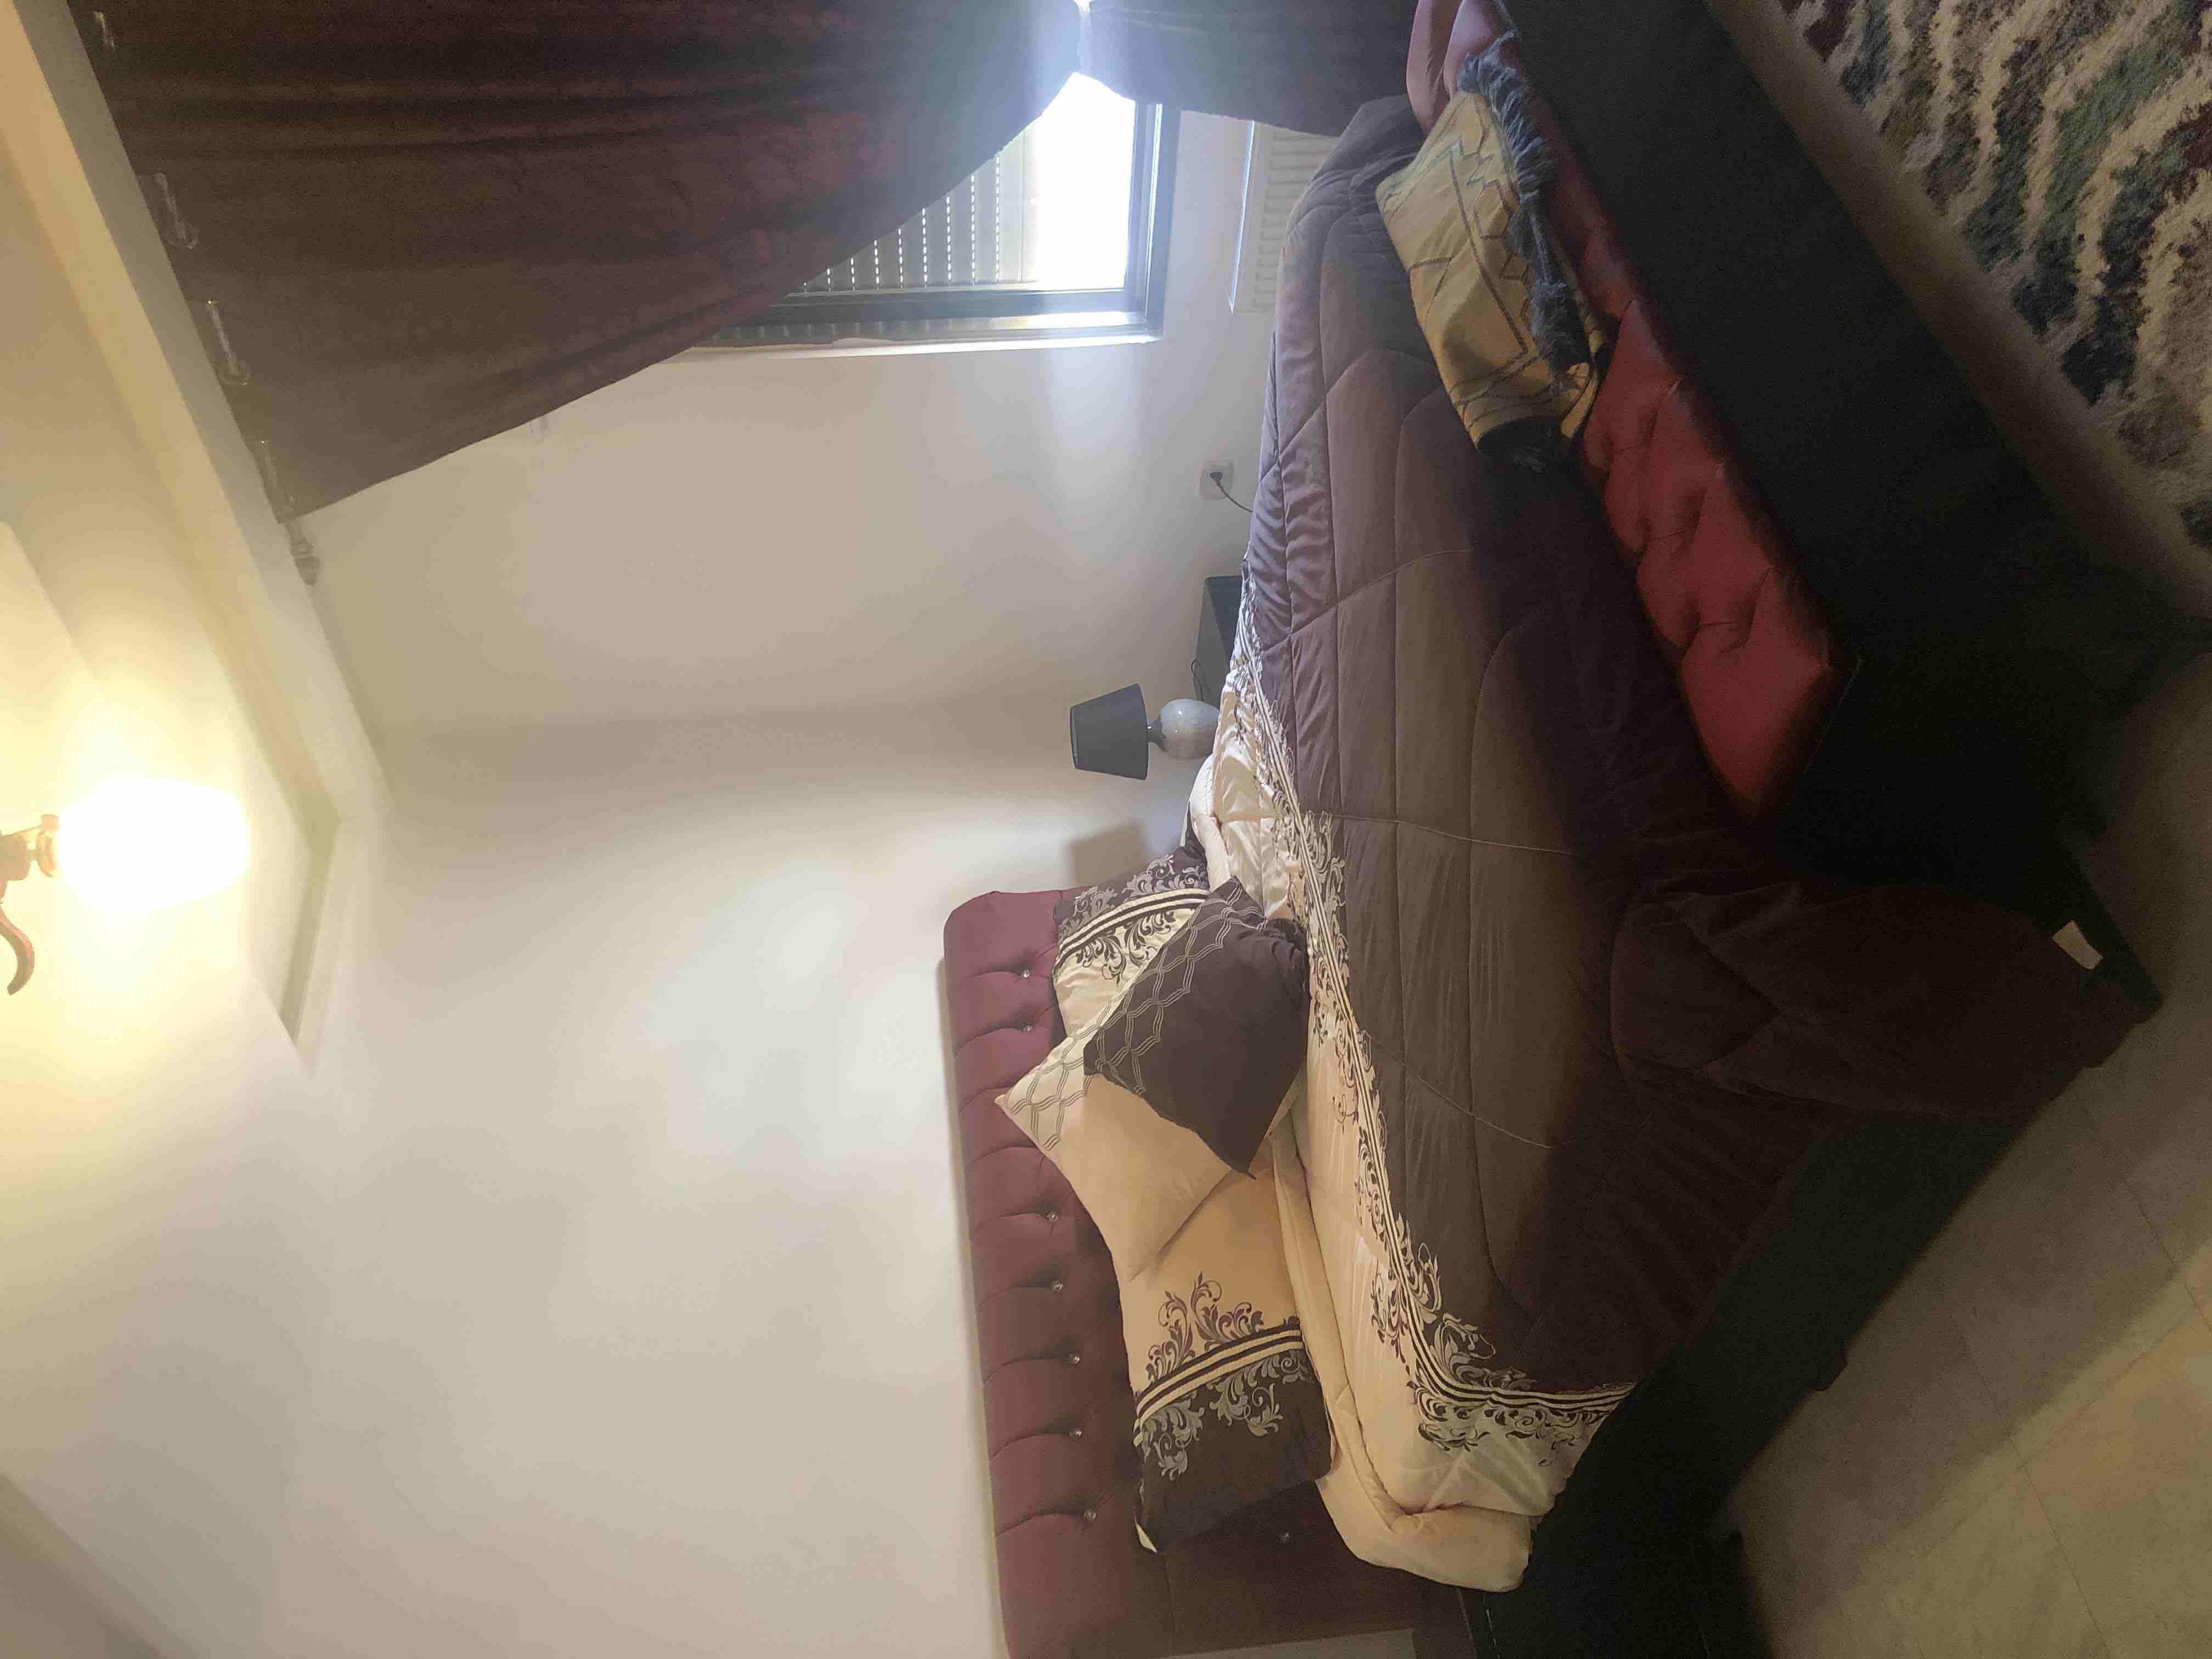 غرفة نوم ماستر للبيع استعمال شهرين فقط مع فرشات ب ٧٠٠ دينار